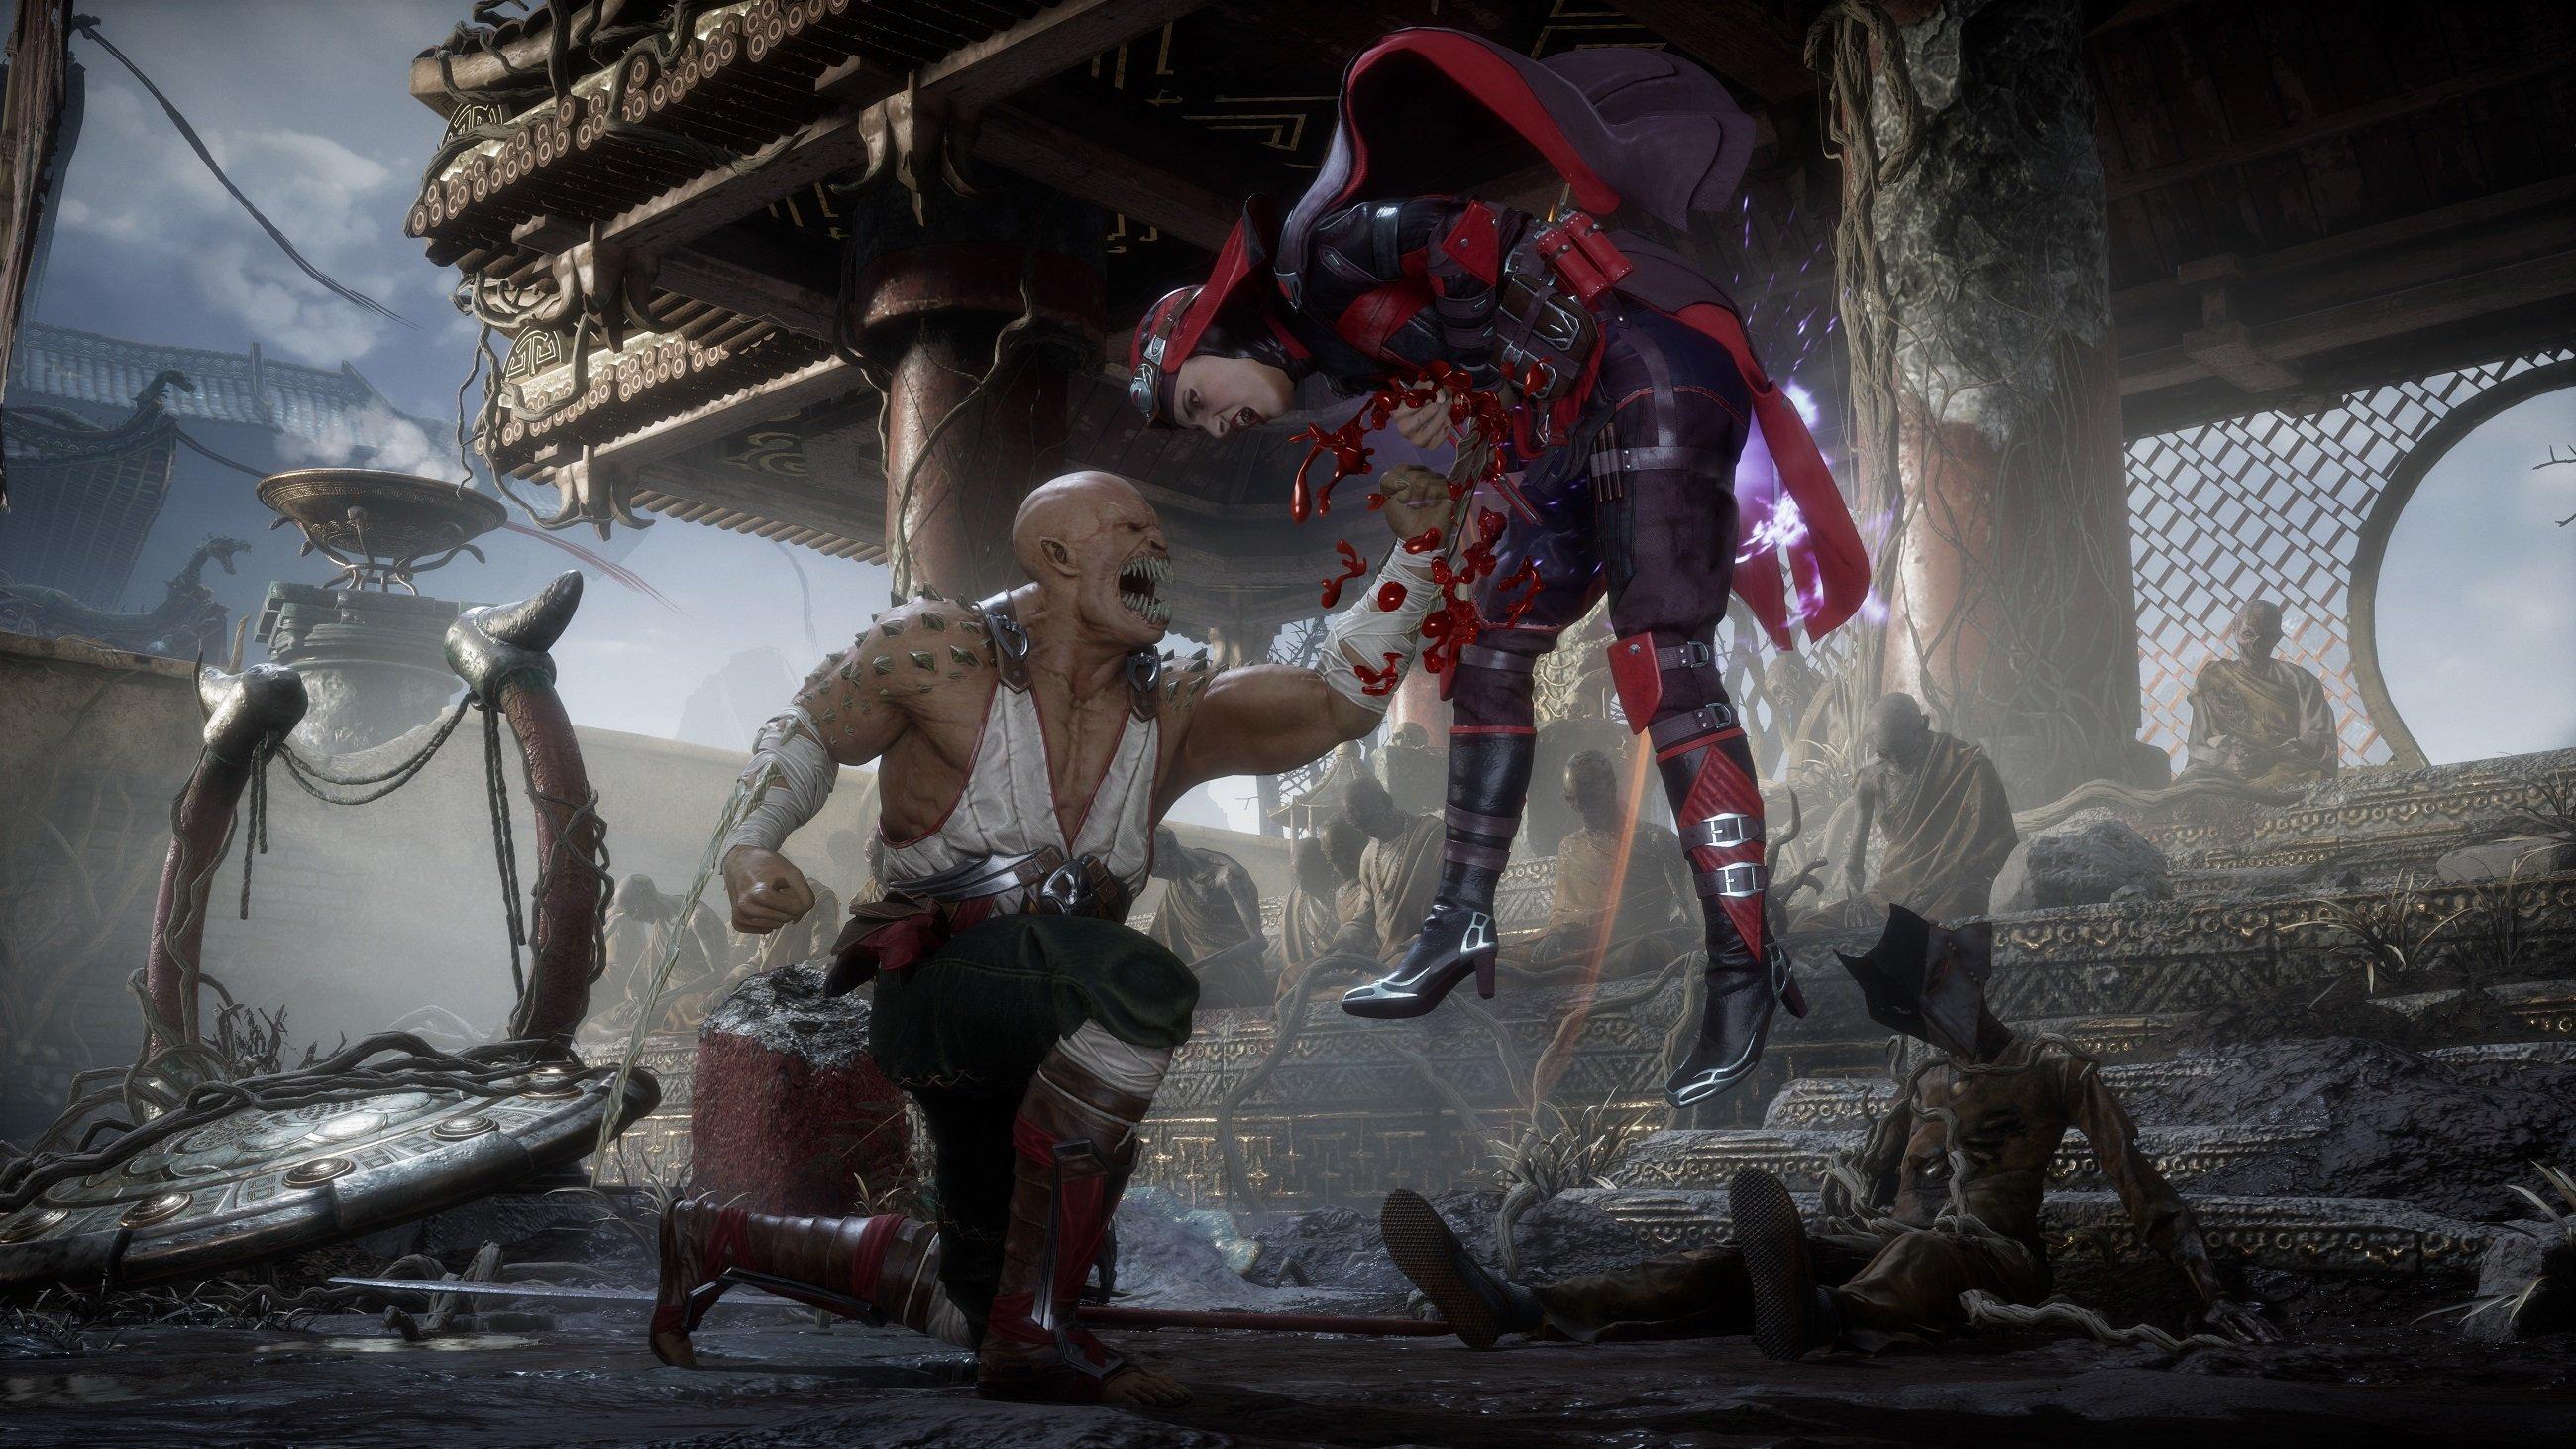 Skarlet et Baraka reviennent à Mortal Kombat 11